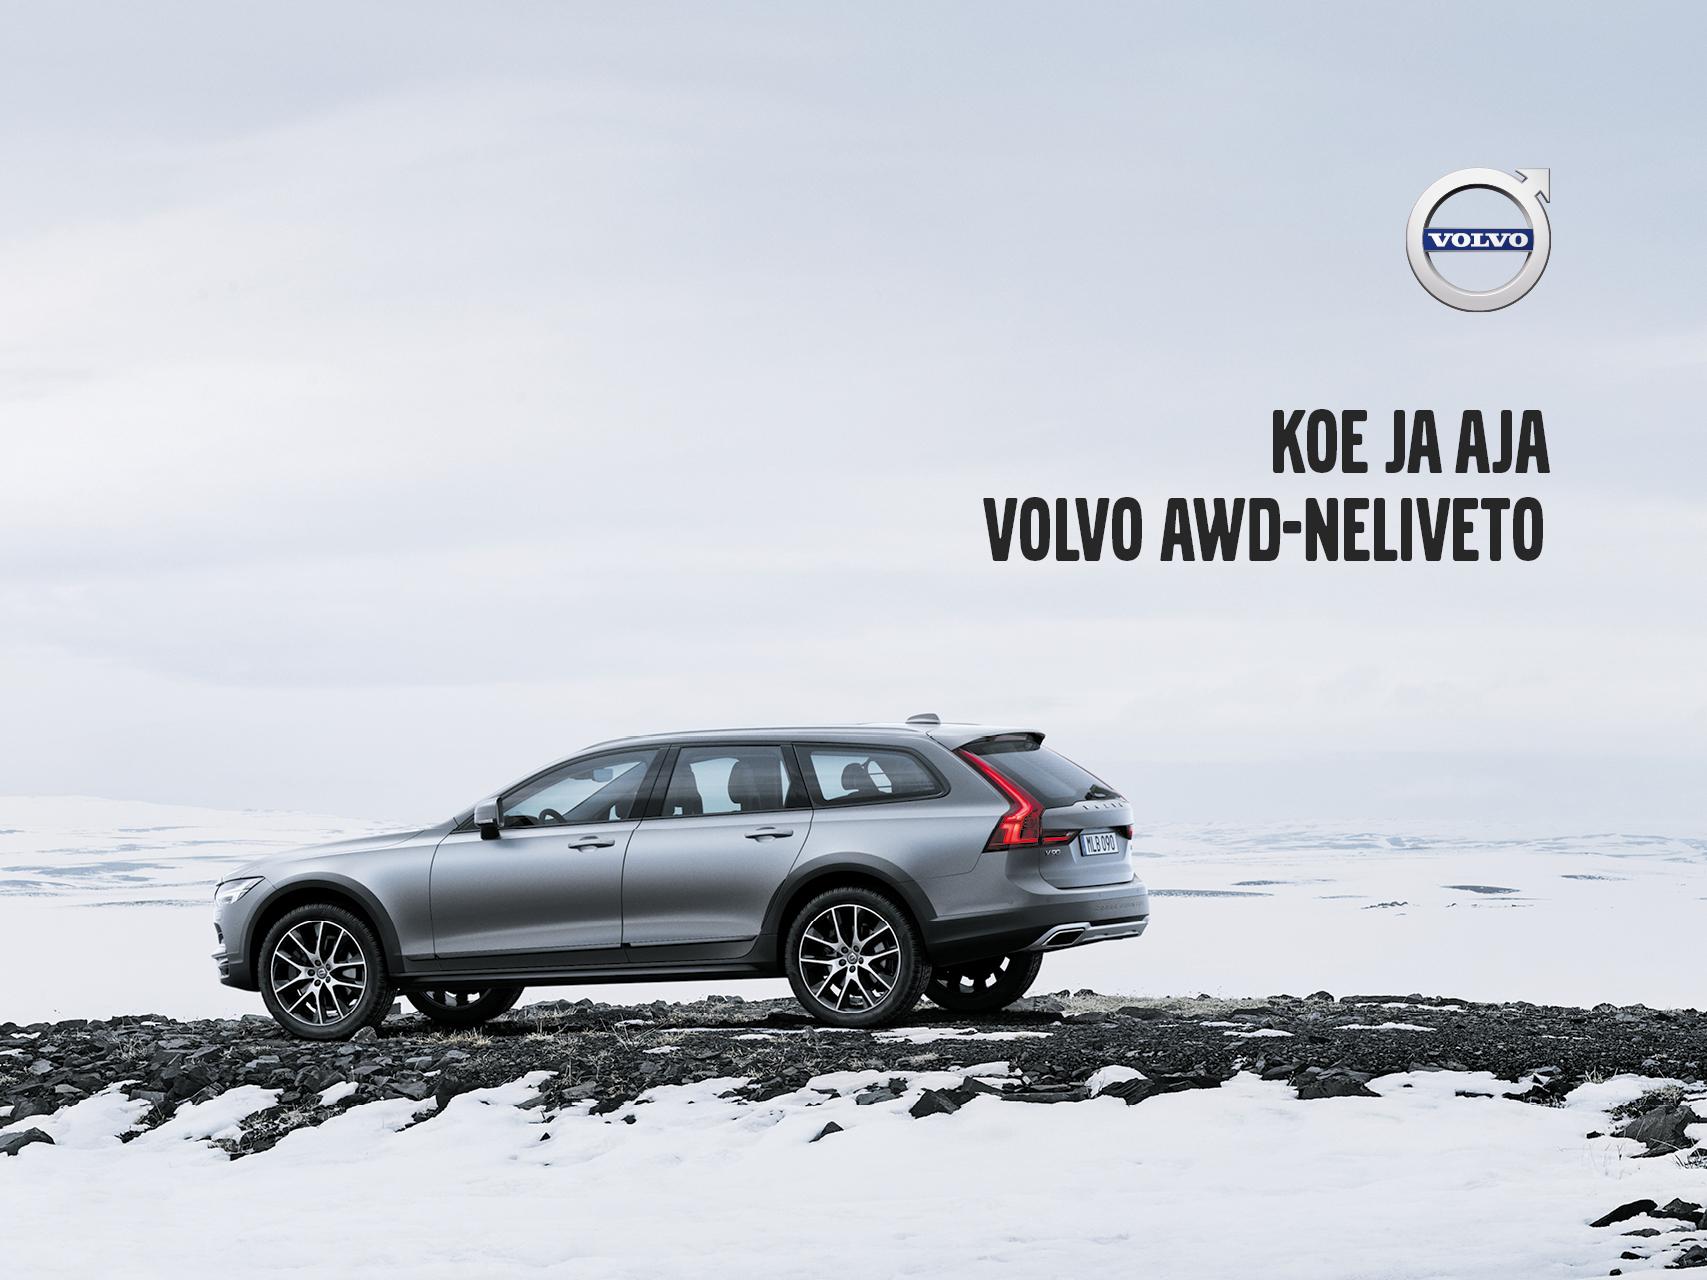 Huippuedut erään Volvon AWD-nelivetomalleja